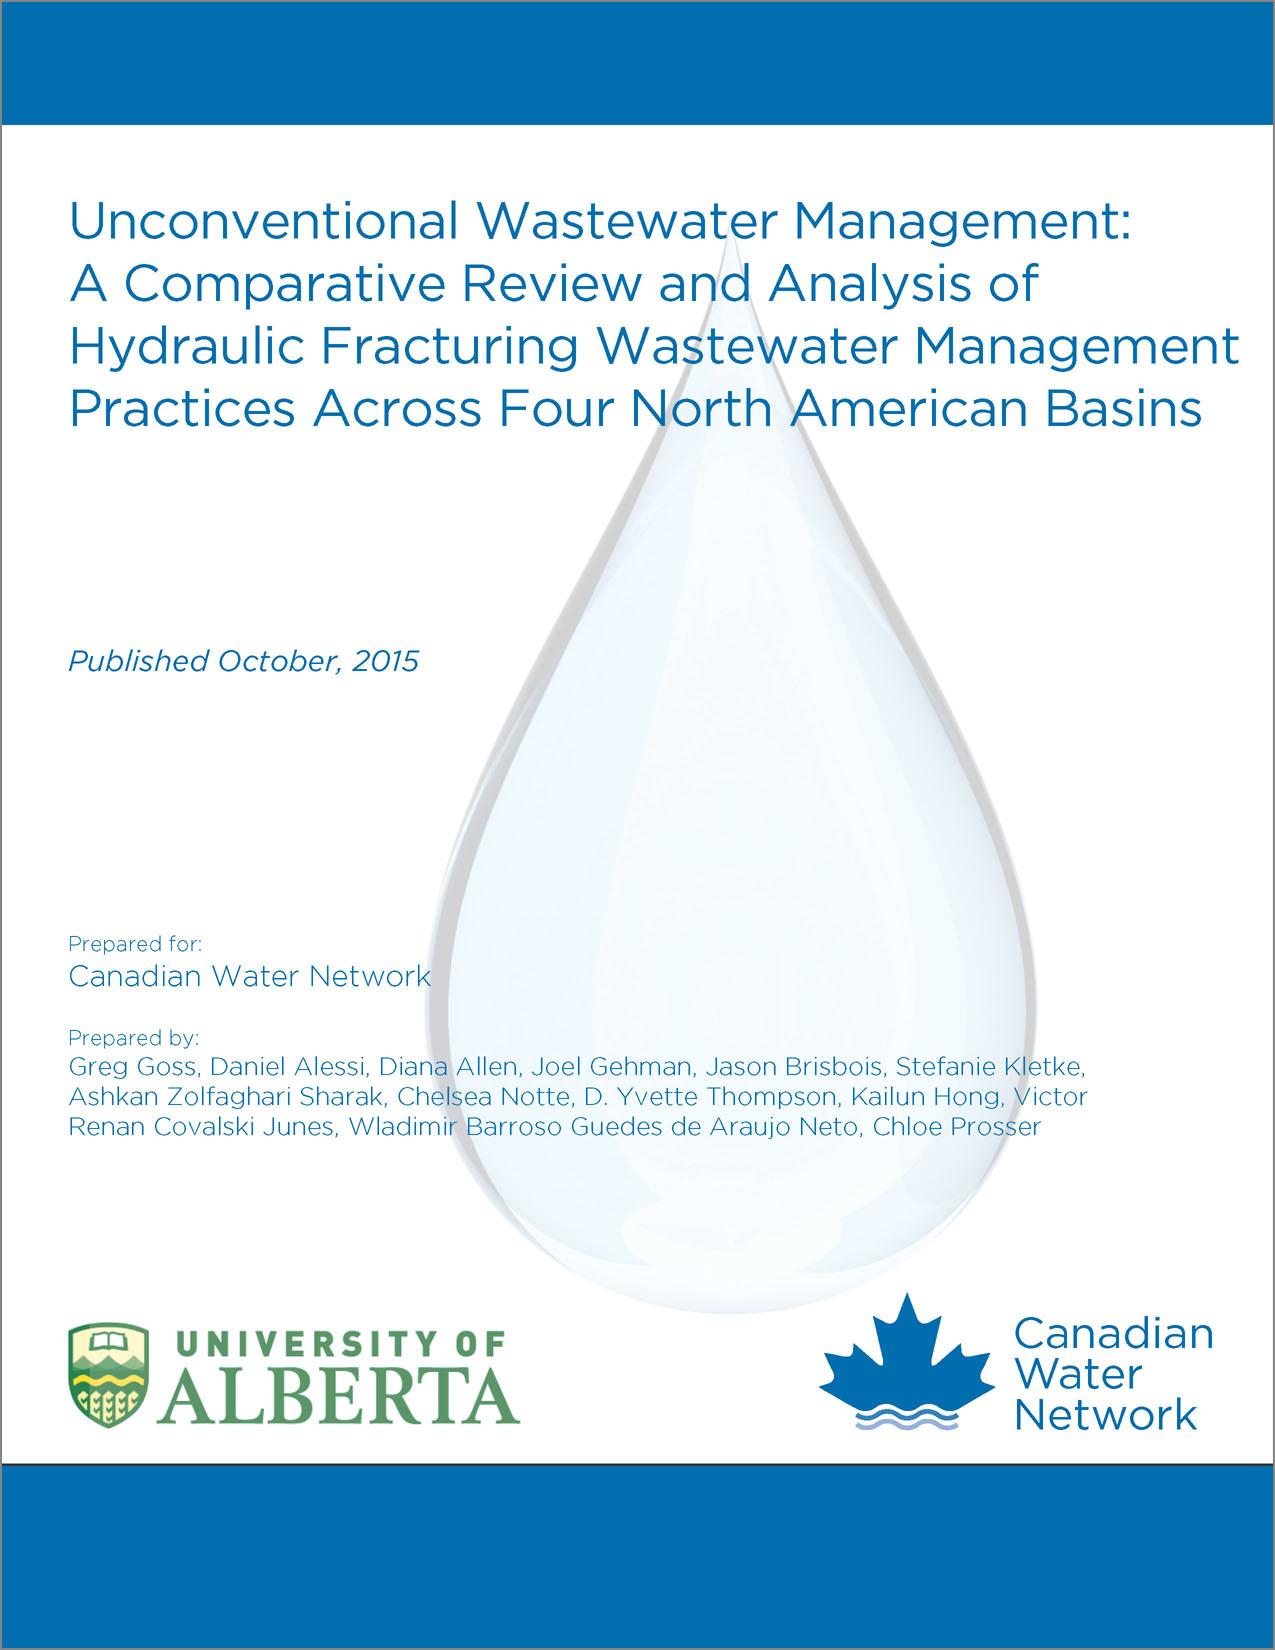 Gestion non conventionnelle des eaux usées : étude et analyse comparatives des pratiques de gestion des eaux résiduaires de la fracturation hydraulique dans quatre bassins en Amérique du Nord